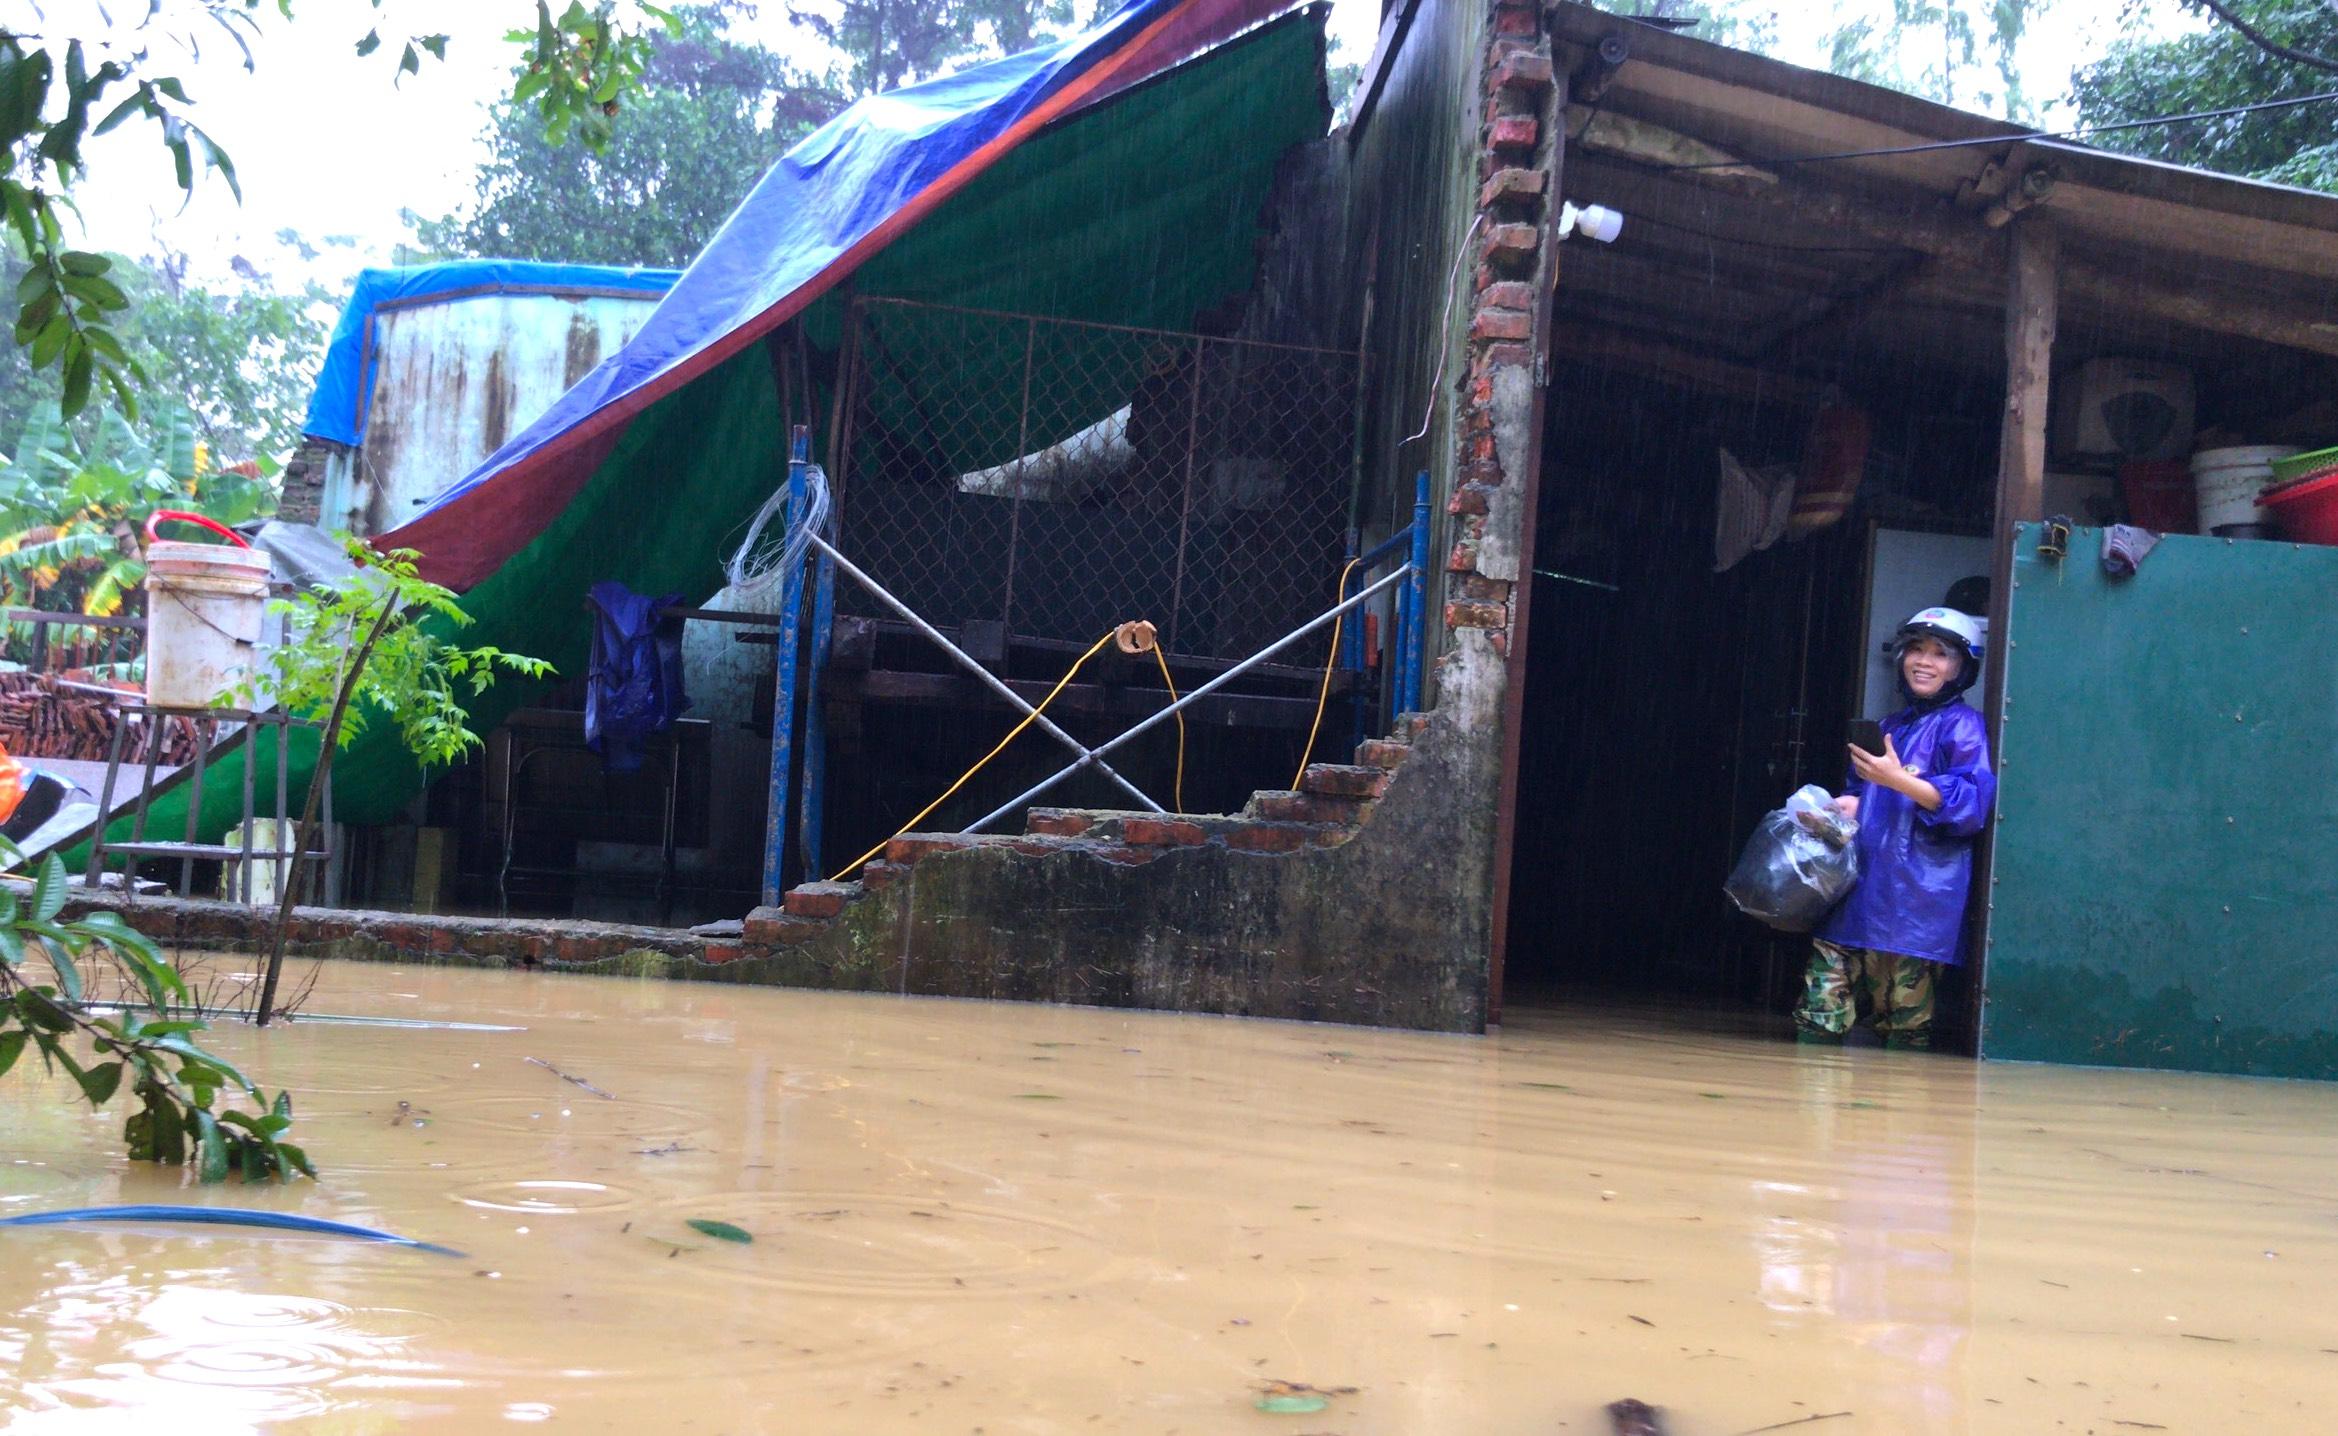 Nghệ An: Người dân ven sông phải lên đê dựng lều cho trâu bò trú ẩn - Ảnh 8.